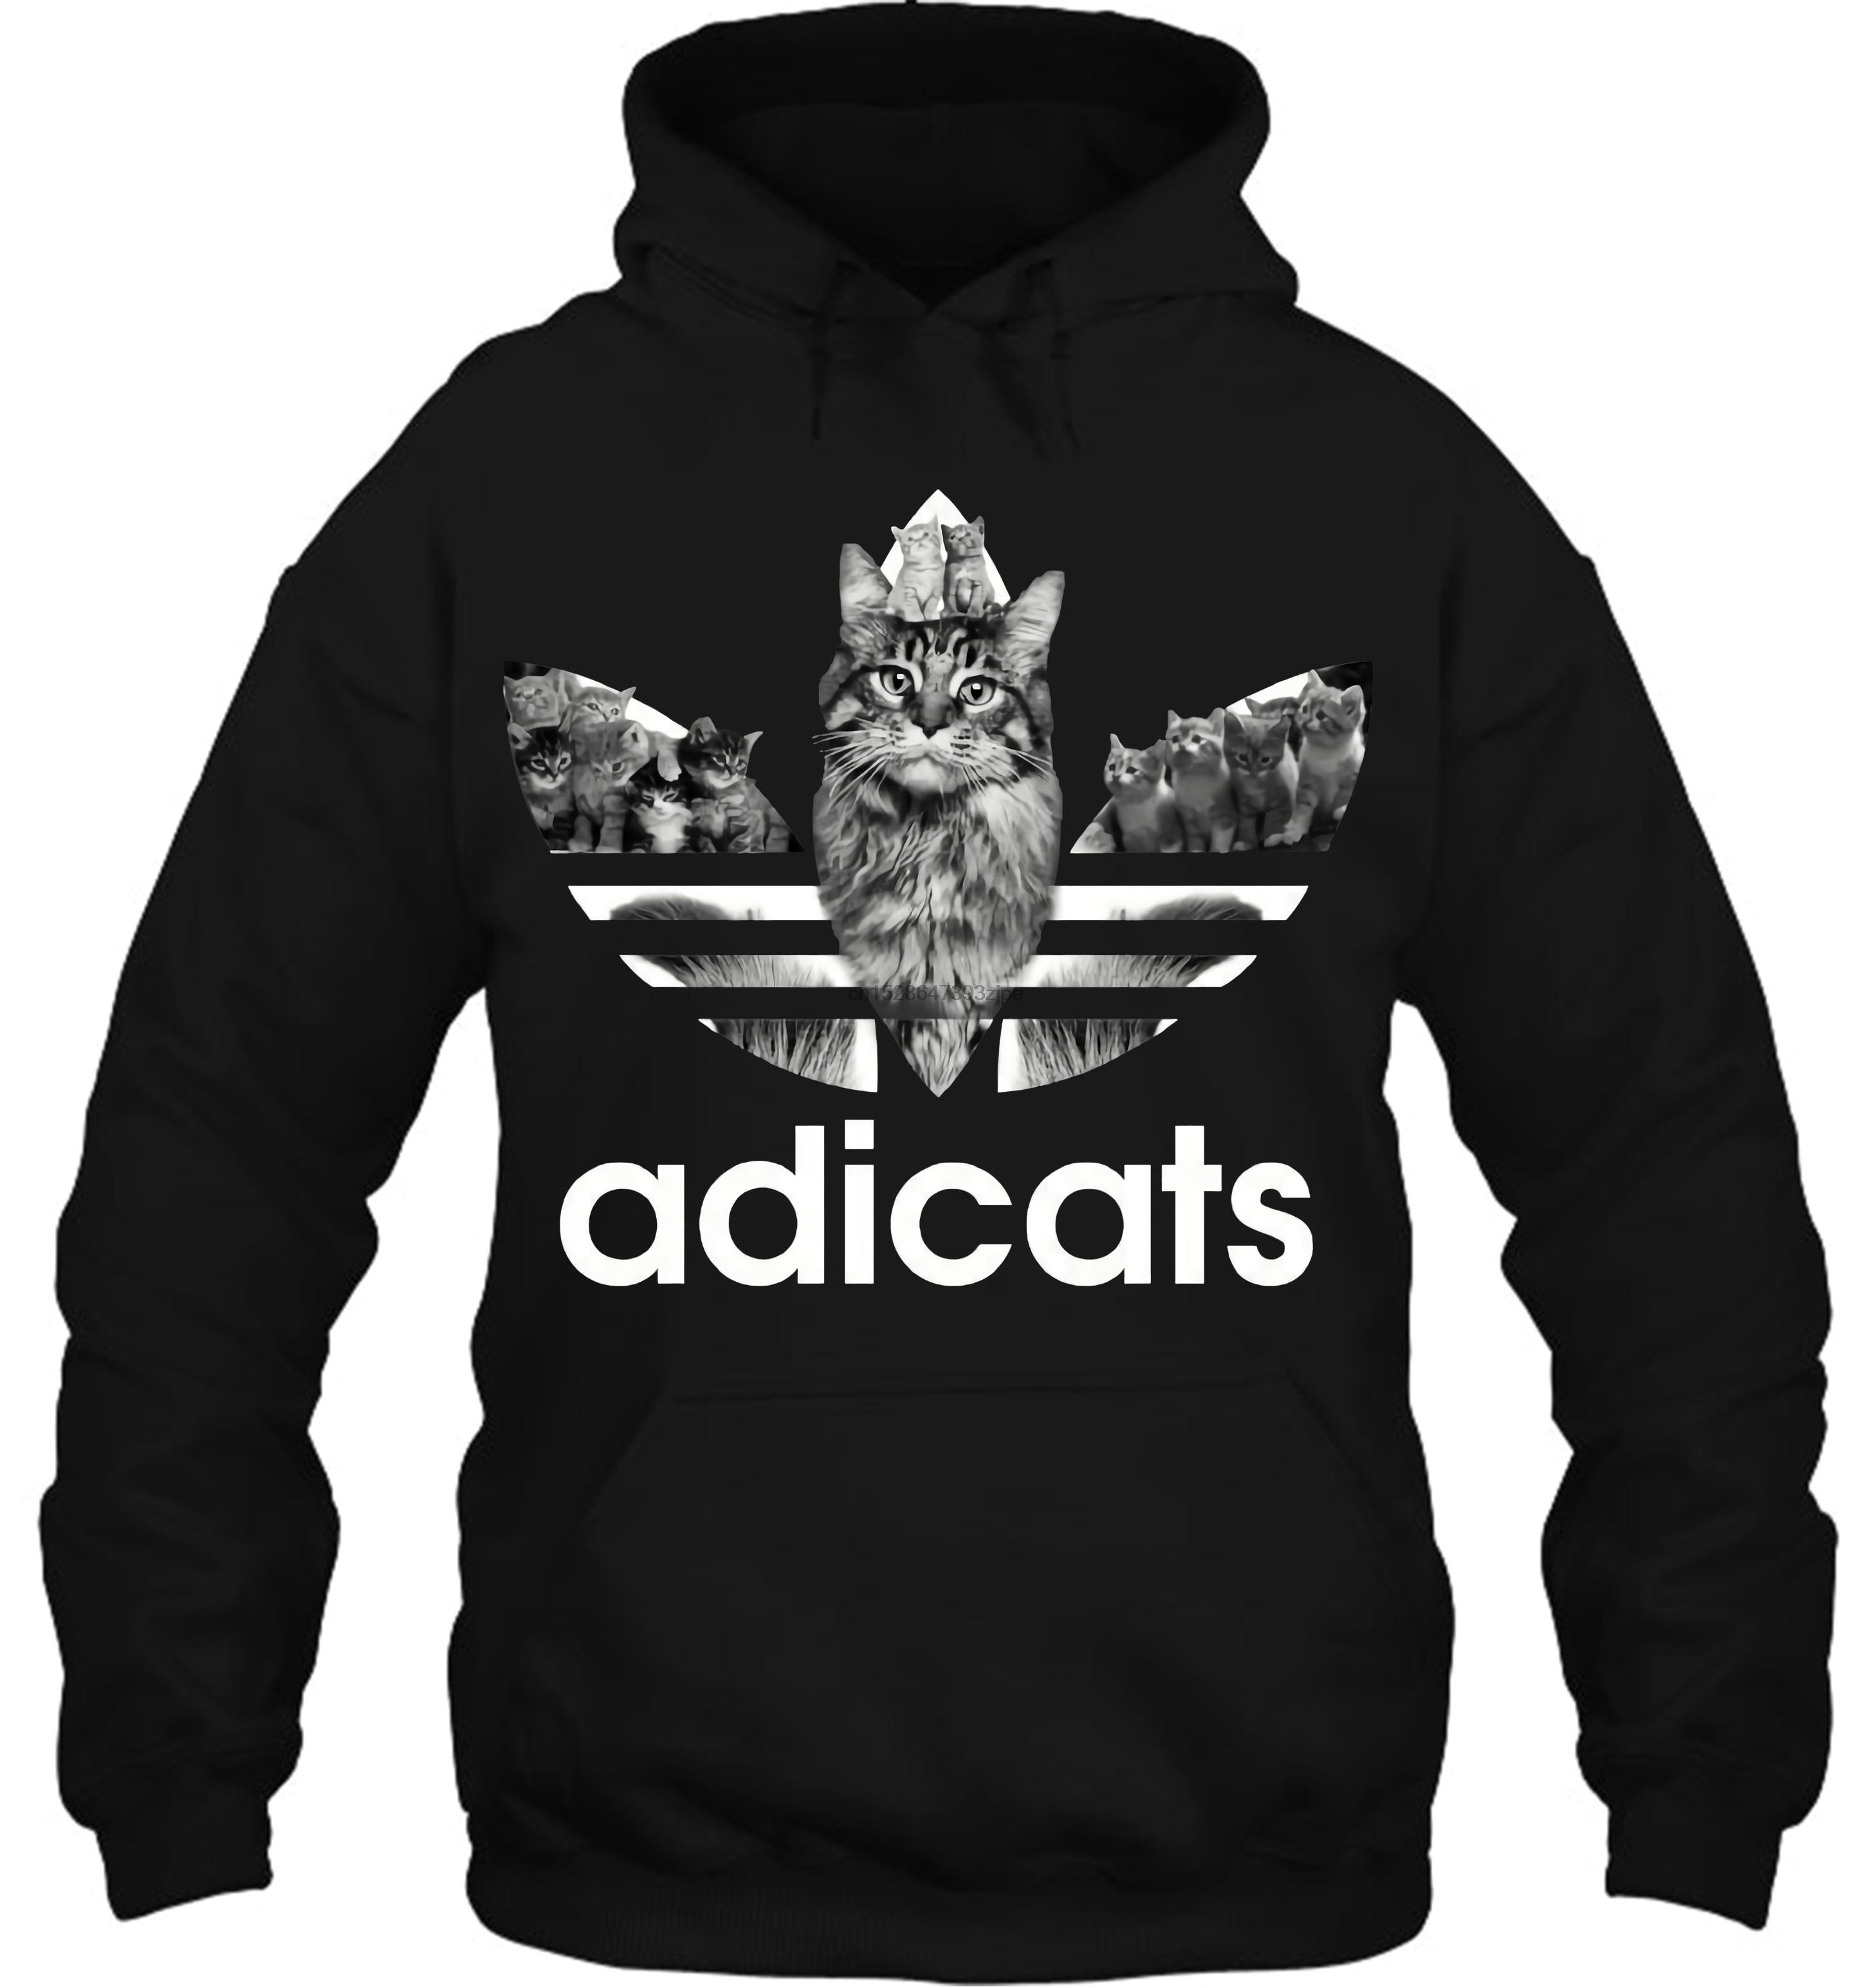 Adicats Streetwear Men Women Hoodies Sweatshirts